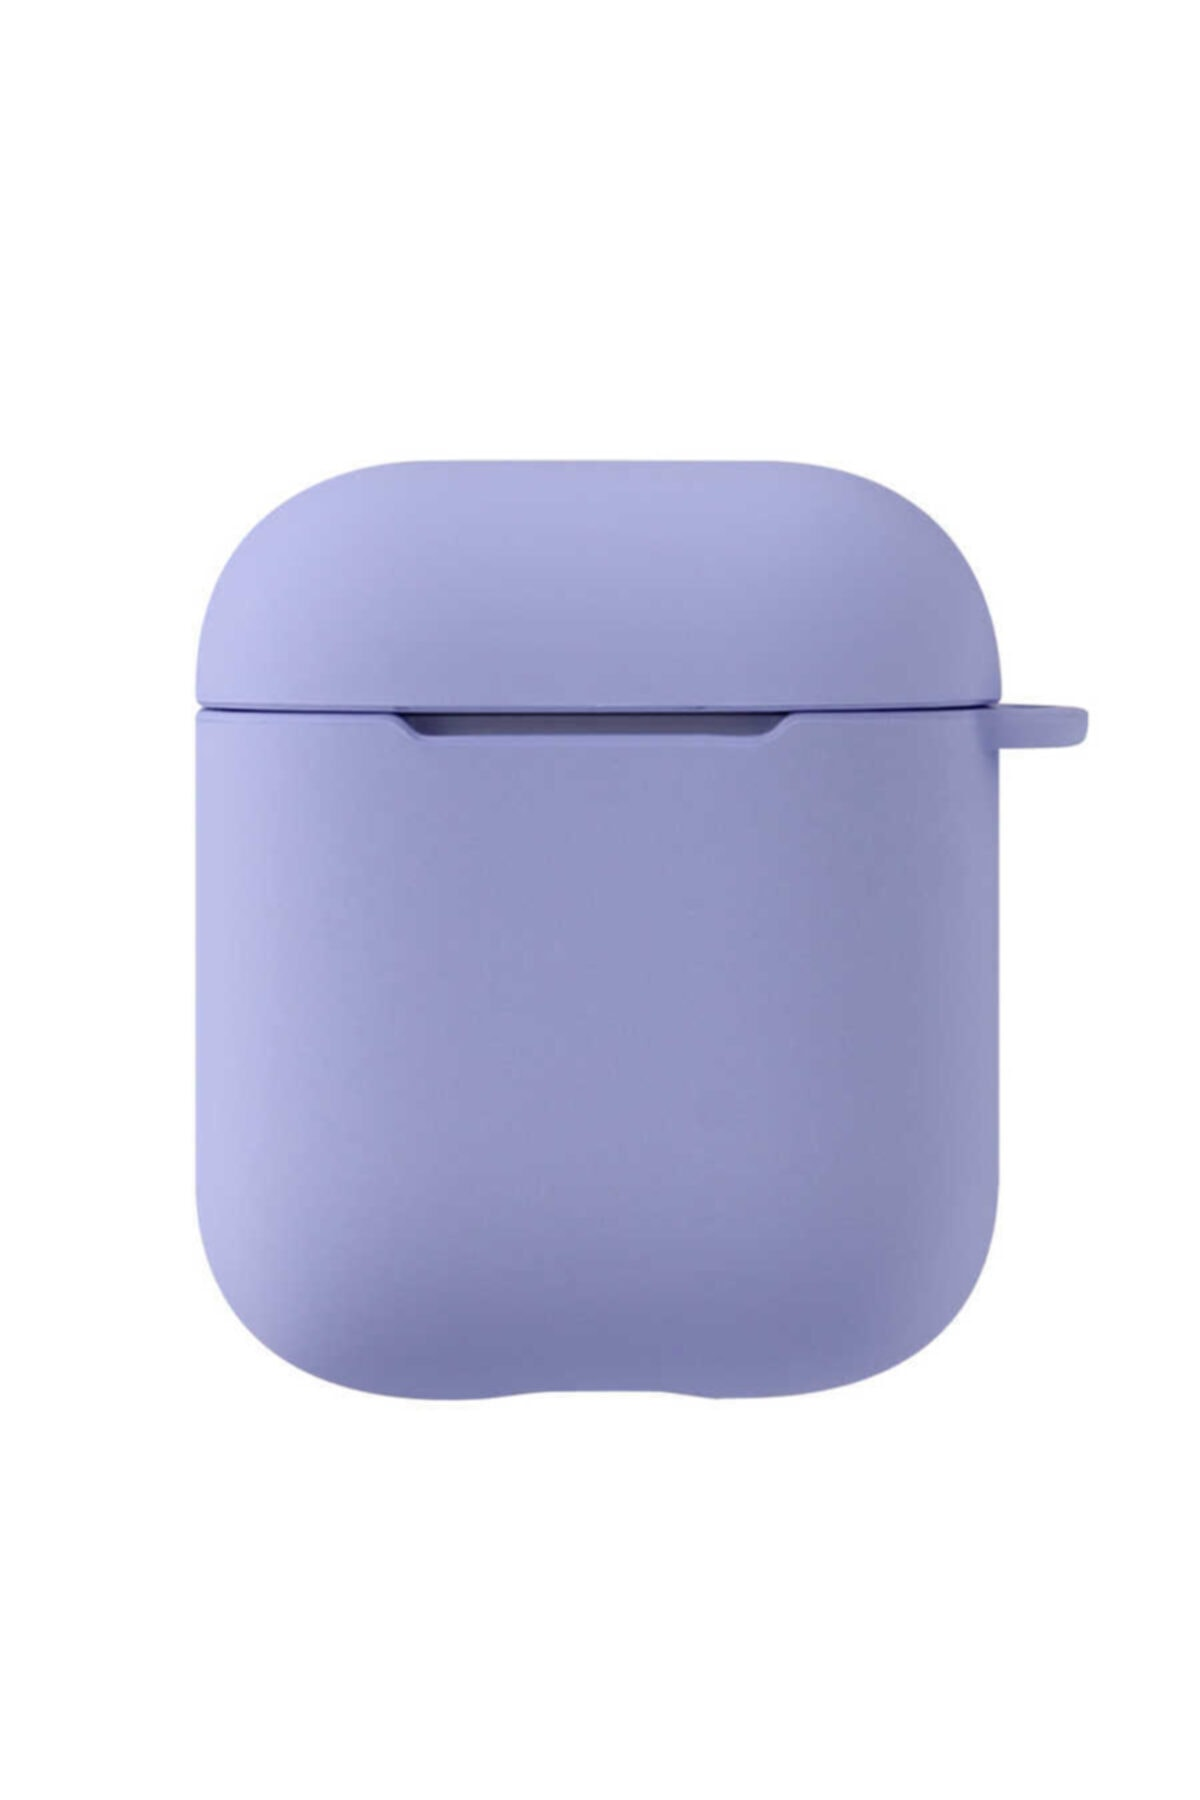 zore Apple Airpods Uyumlu Darbe Emici Wireless Şarj Destekli Soft Görünüm Mat Renkli Silikon Askılı Kılıf 1